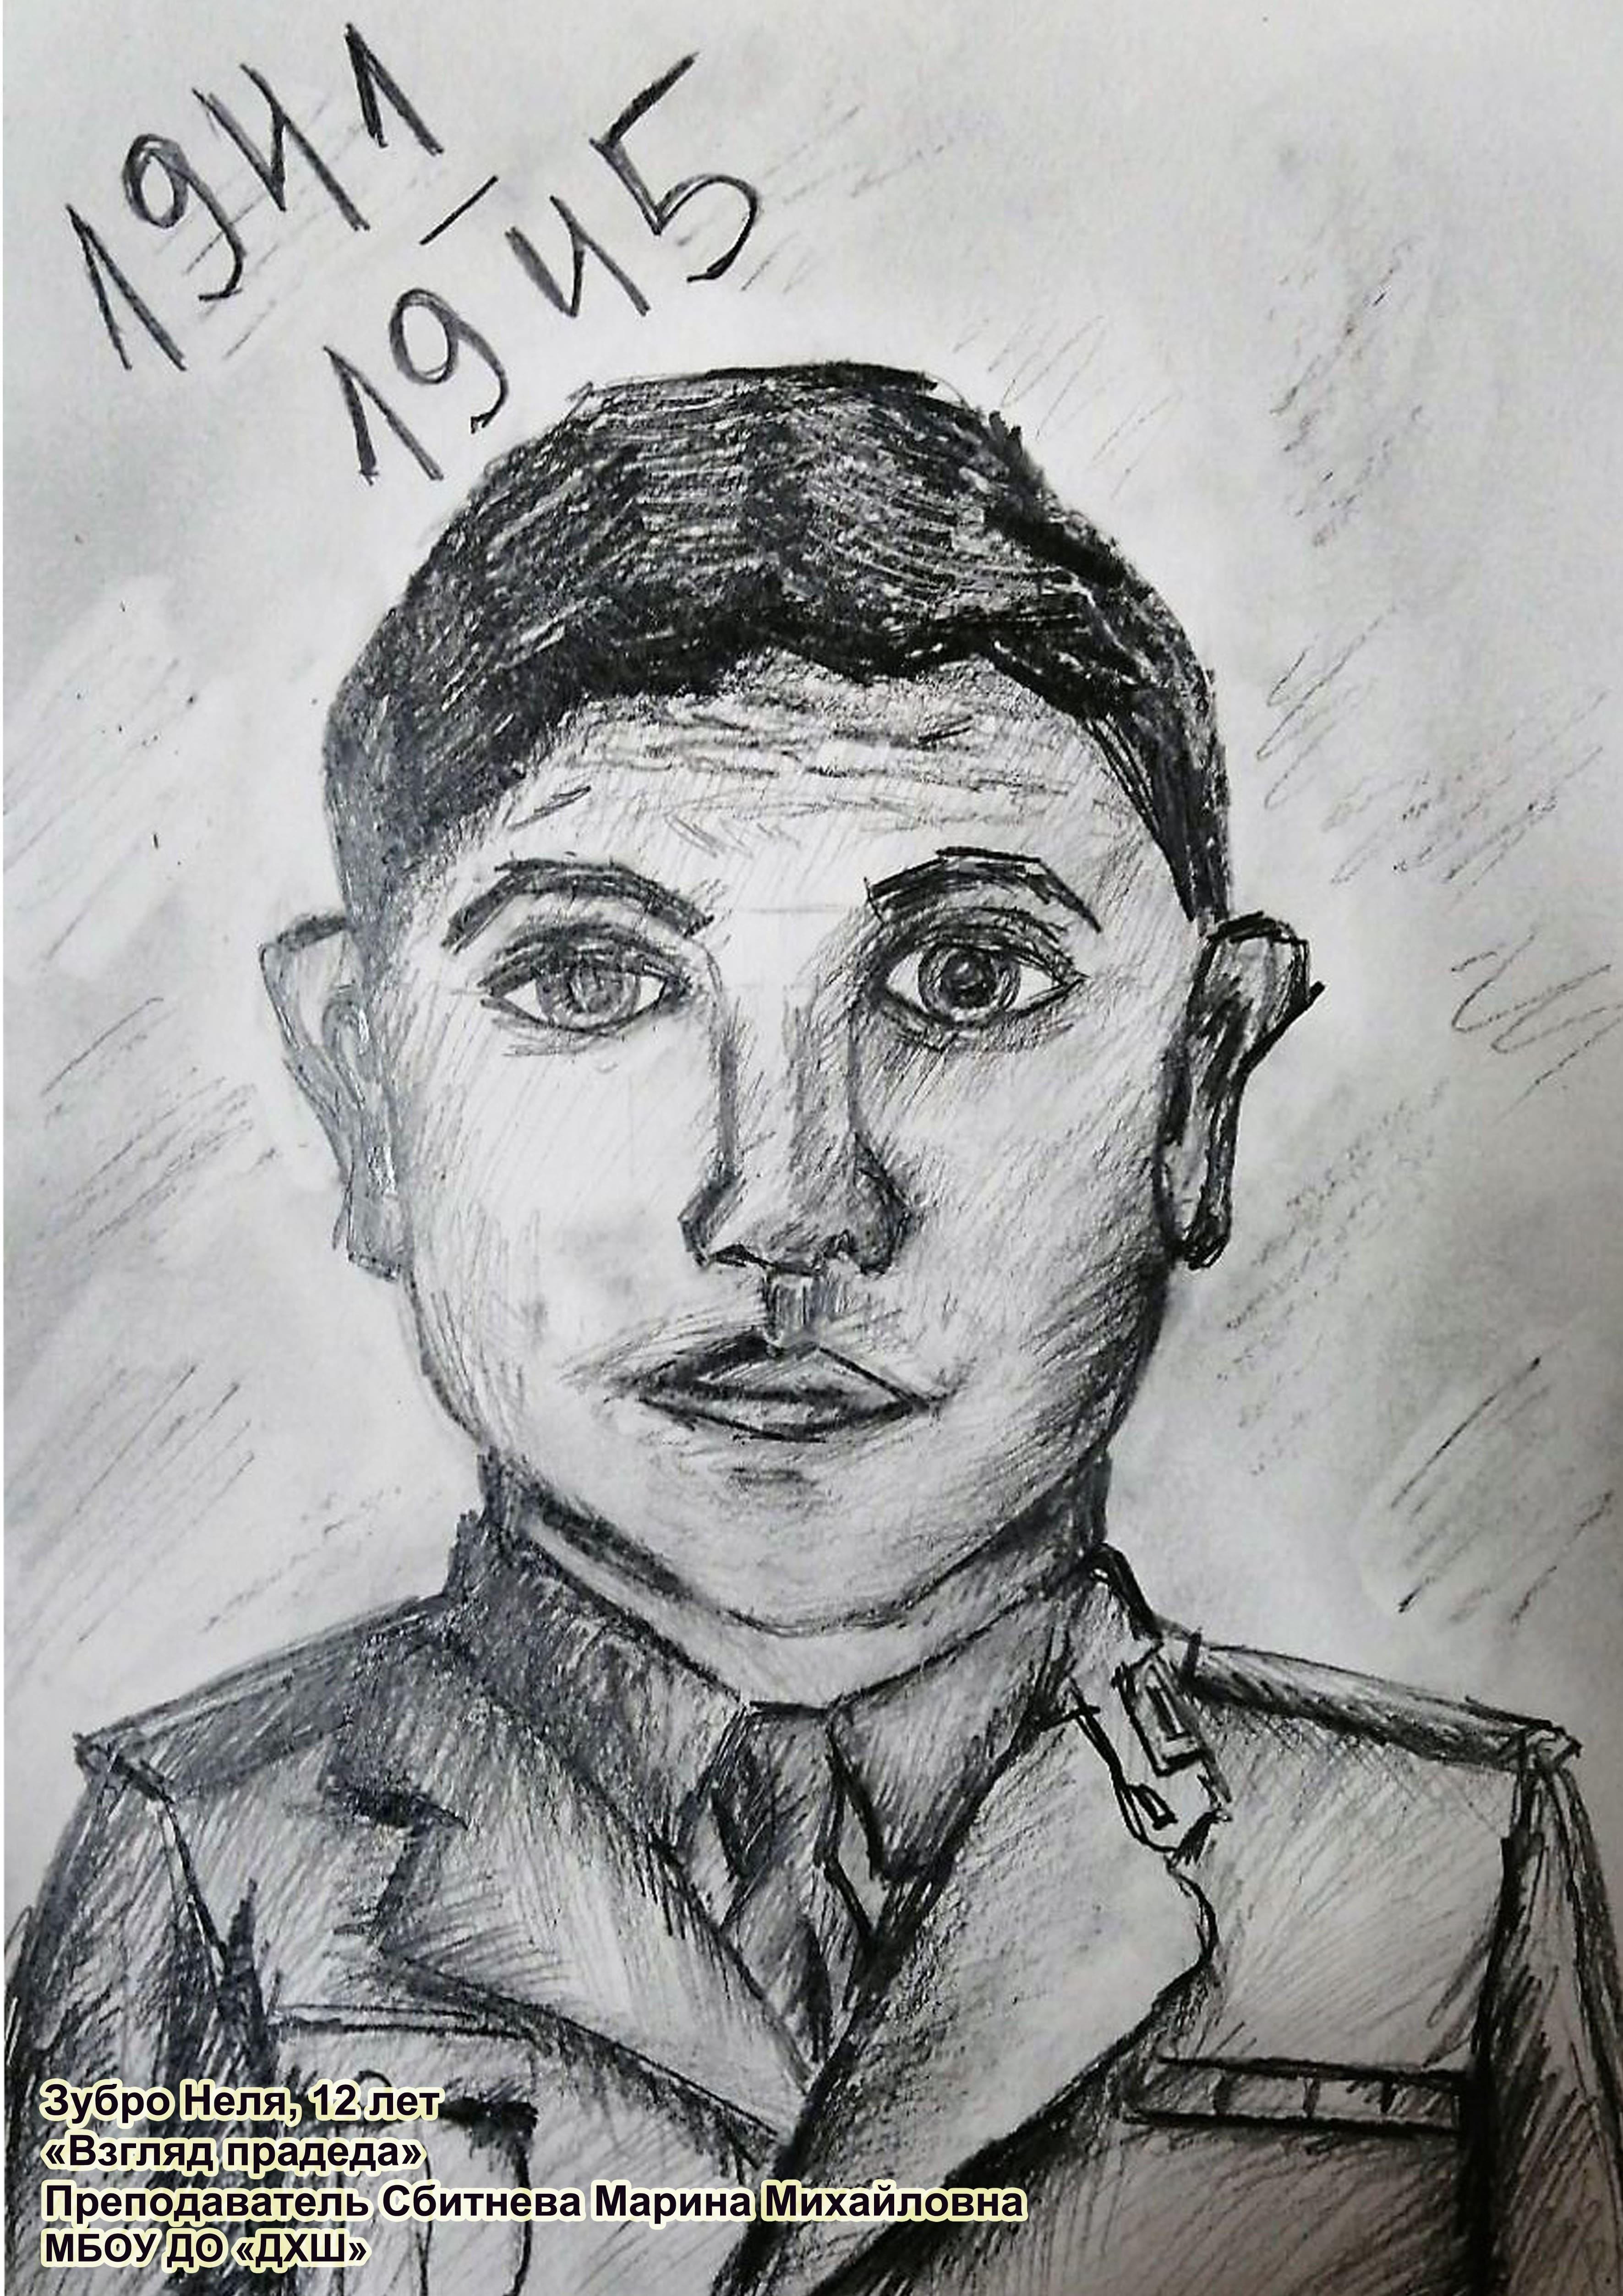 Зубро Неля, 12 лет